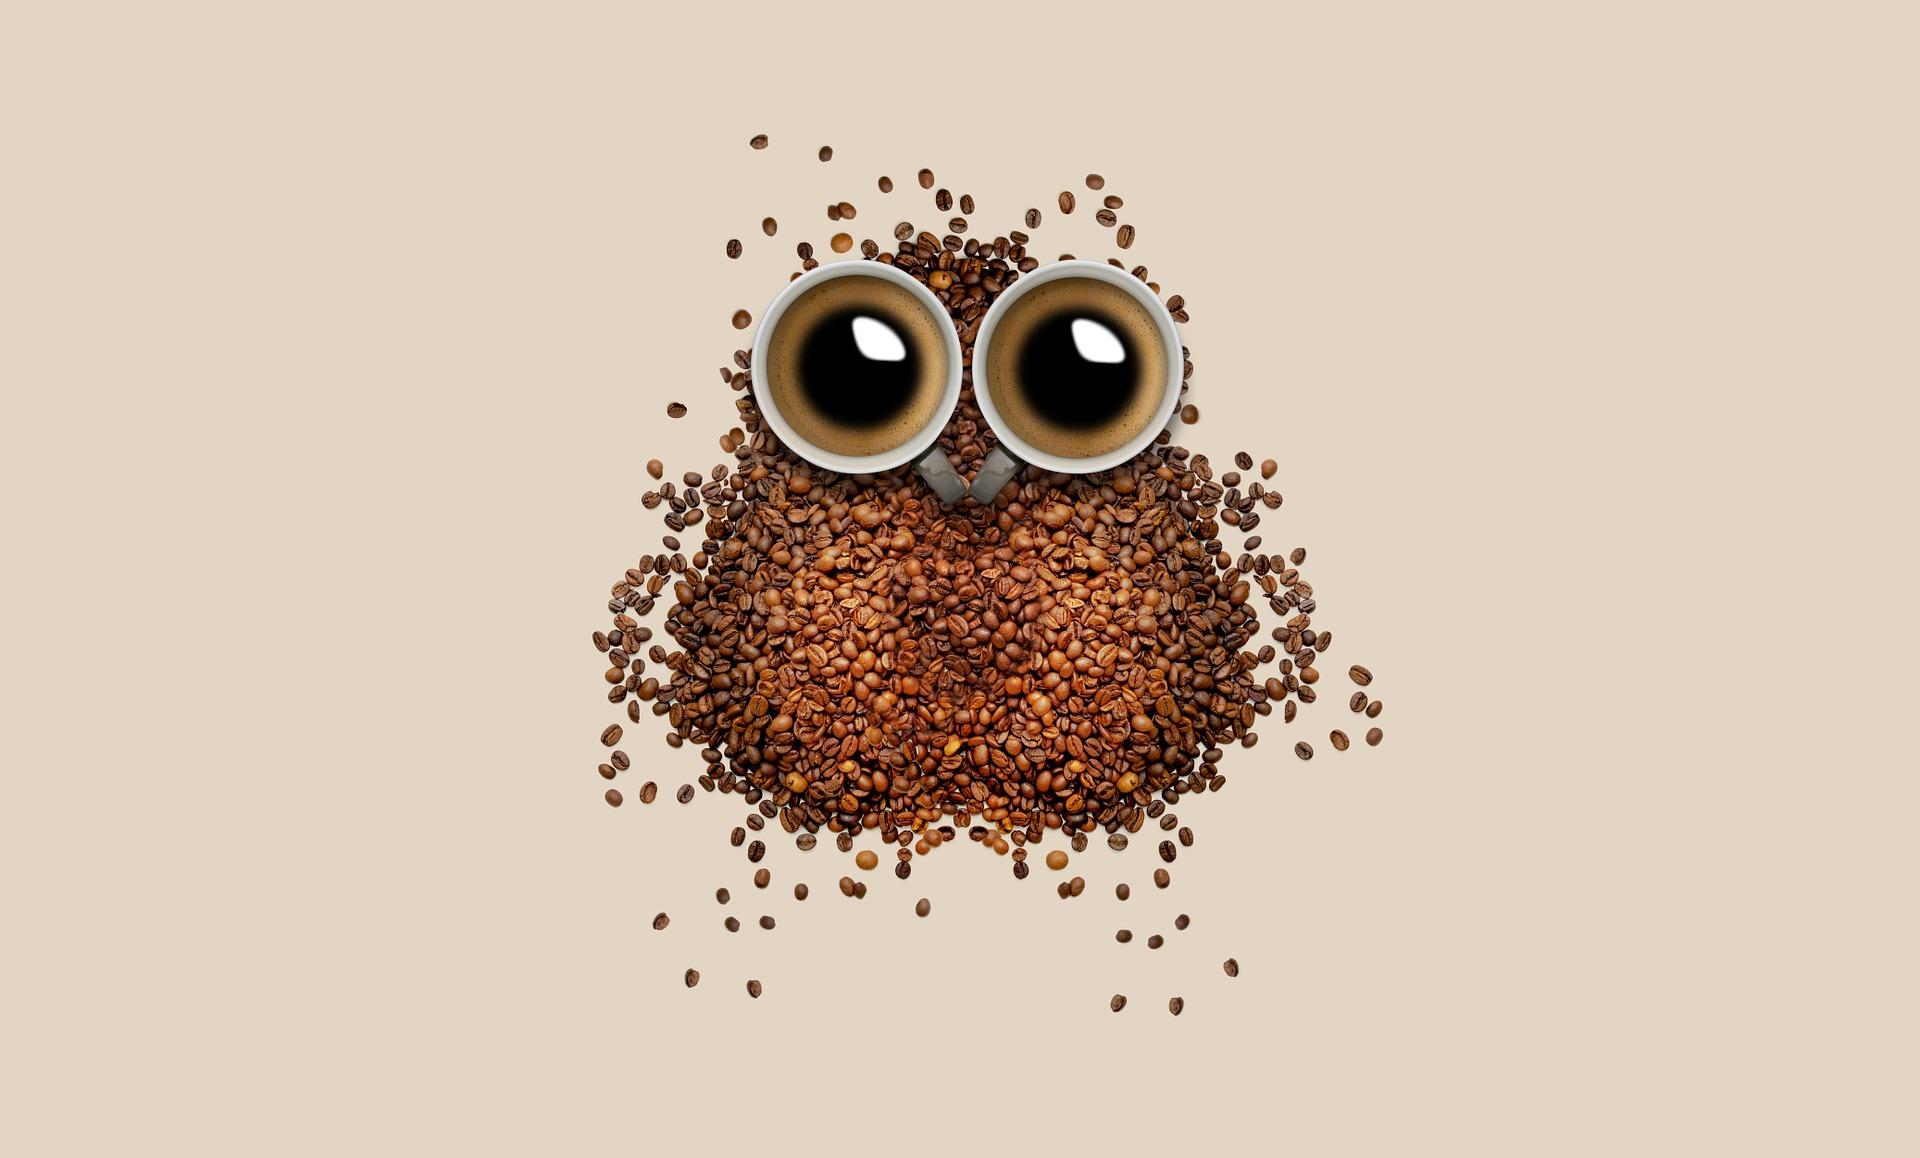 café, CORUJA, Copa, grãos de café, olhos, Brown - Papéis de parede - Professor-falken.com